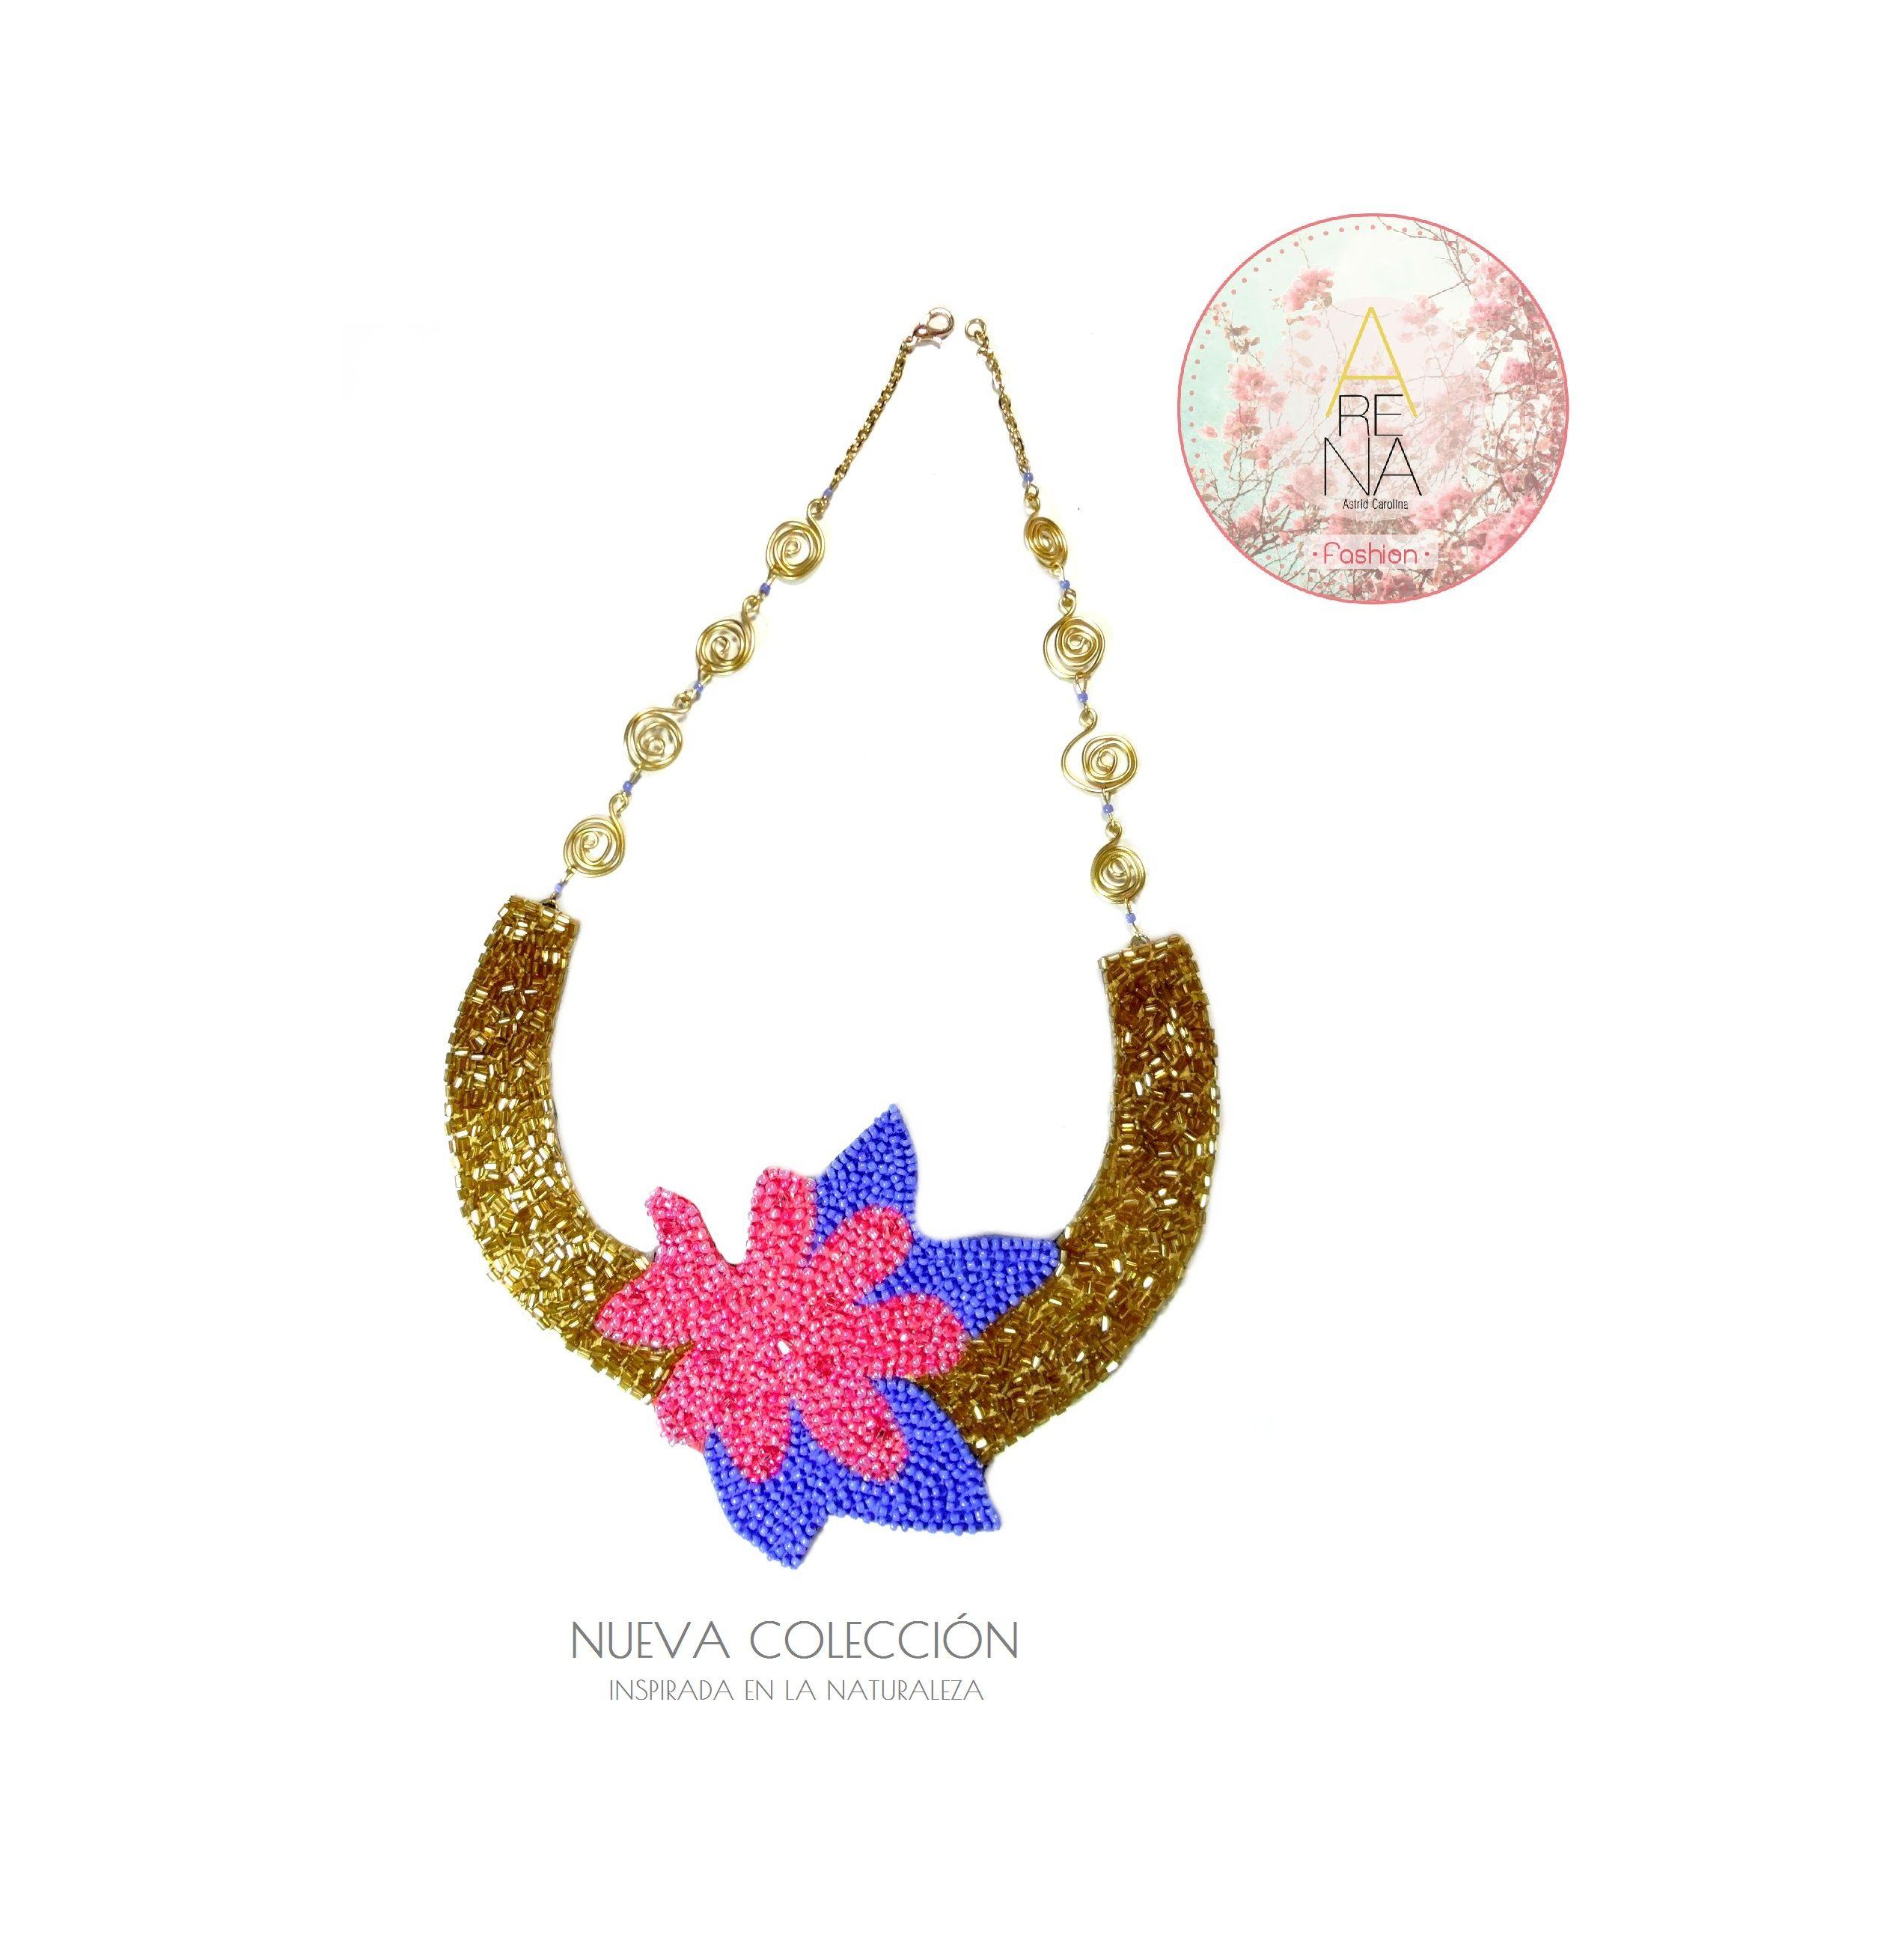 Mix de Colores e inspiración floral ❤ Animate a combinar tu outfit con este diseño romántico y brillante... Te gusta? Comenta ❤ Si quieras más información sobre nuestros diseños escribenos a ✉arenabyastrid@gmail.com y a nuestros teléfonos 00584161703728 00573044426072